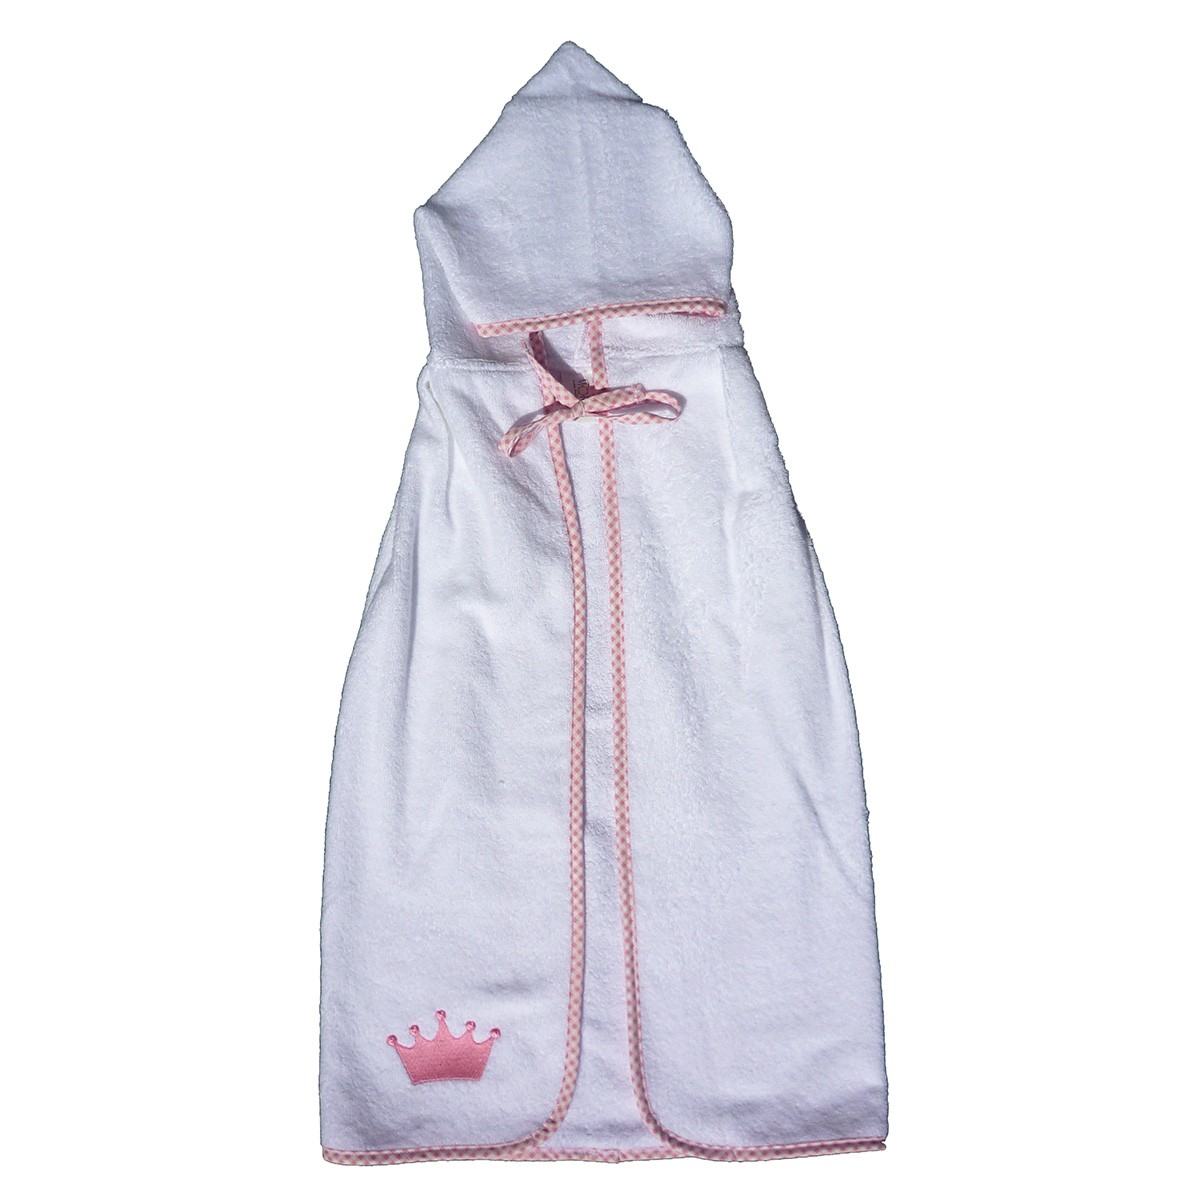 Βρεφική Κάπα (6-24 μηνών) Morven Princess Pink 1809/04